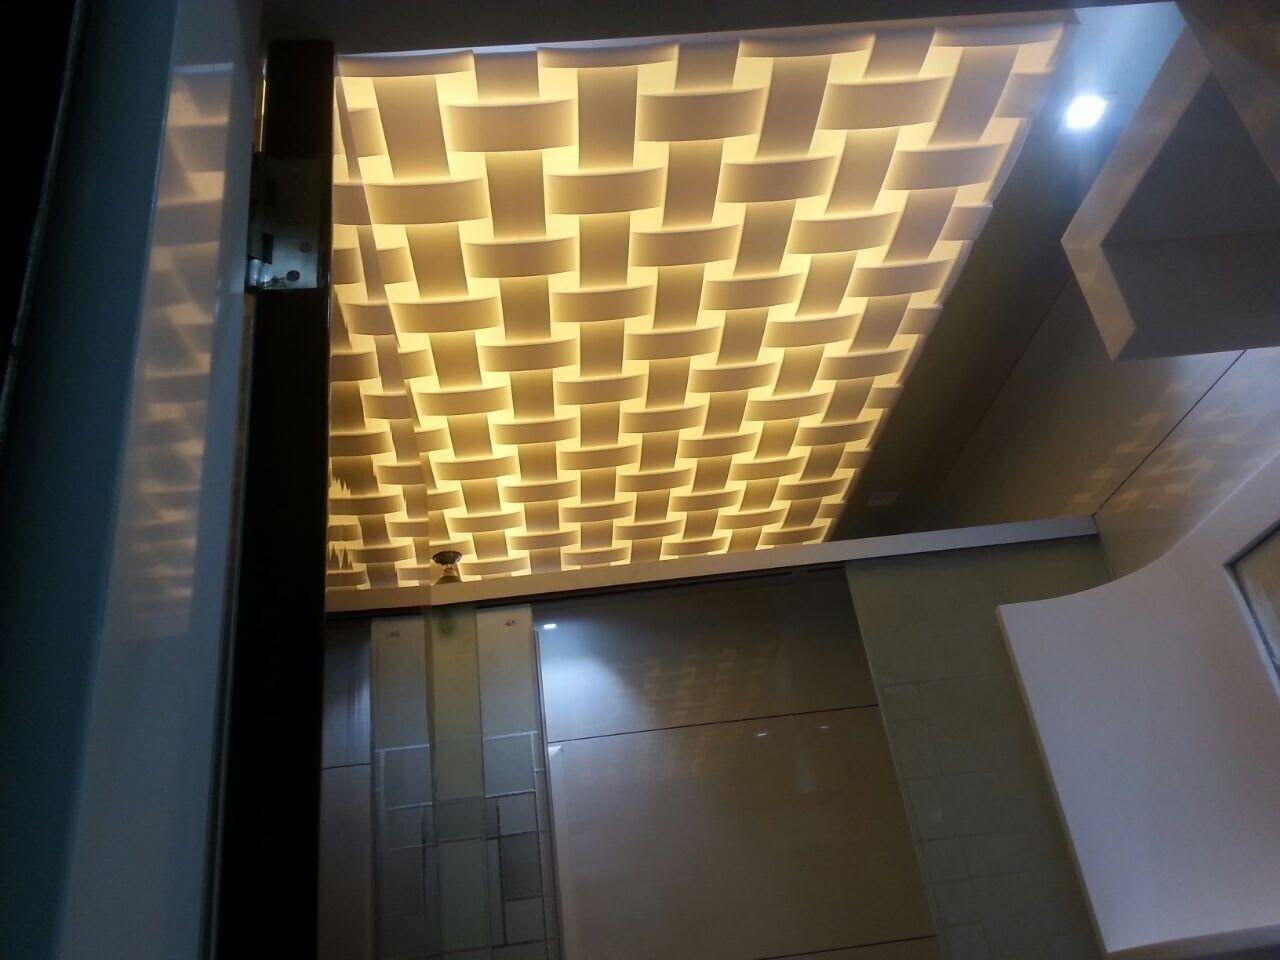 Ceiling Design In Corian Ceiling design, Corian, Ceiling